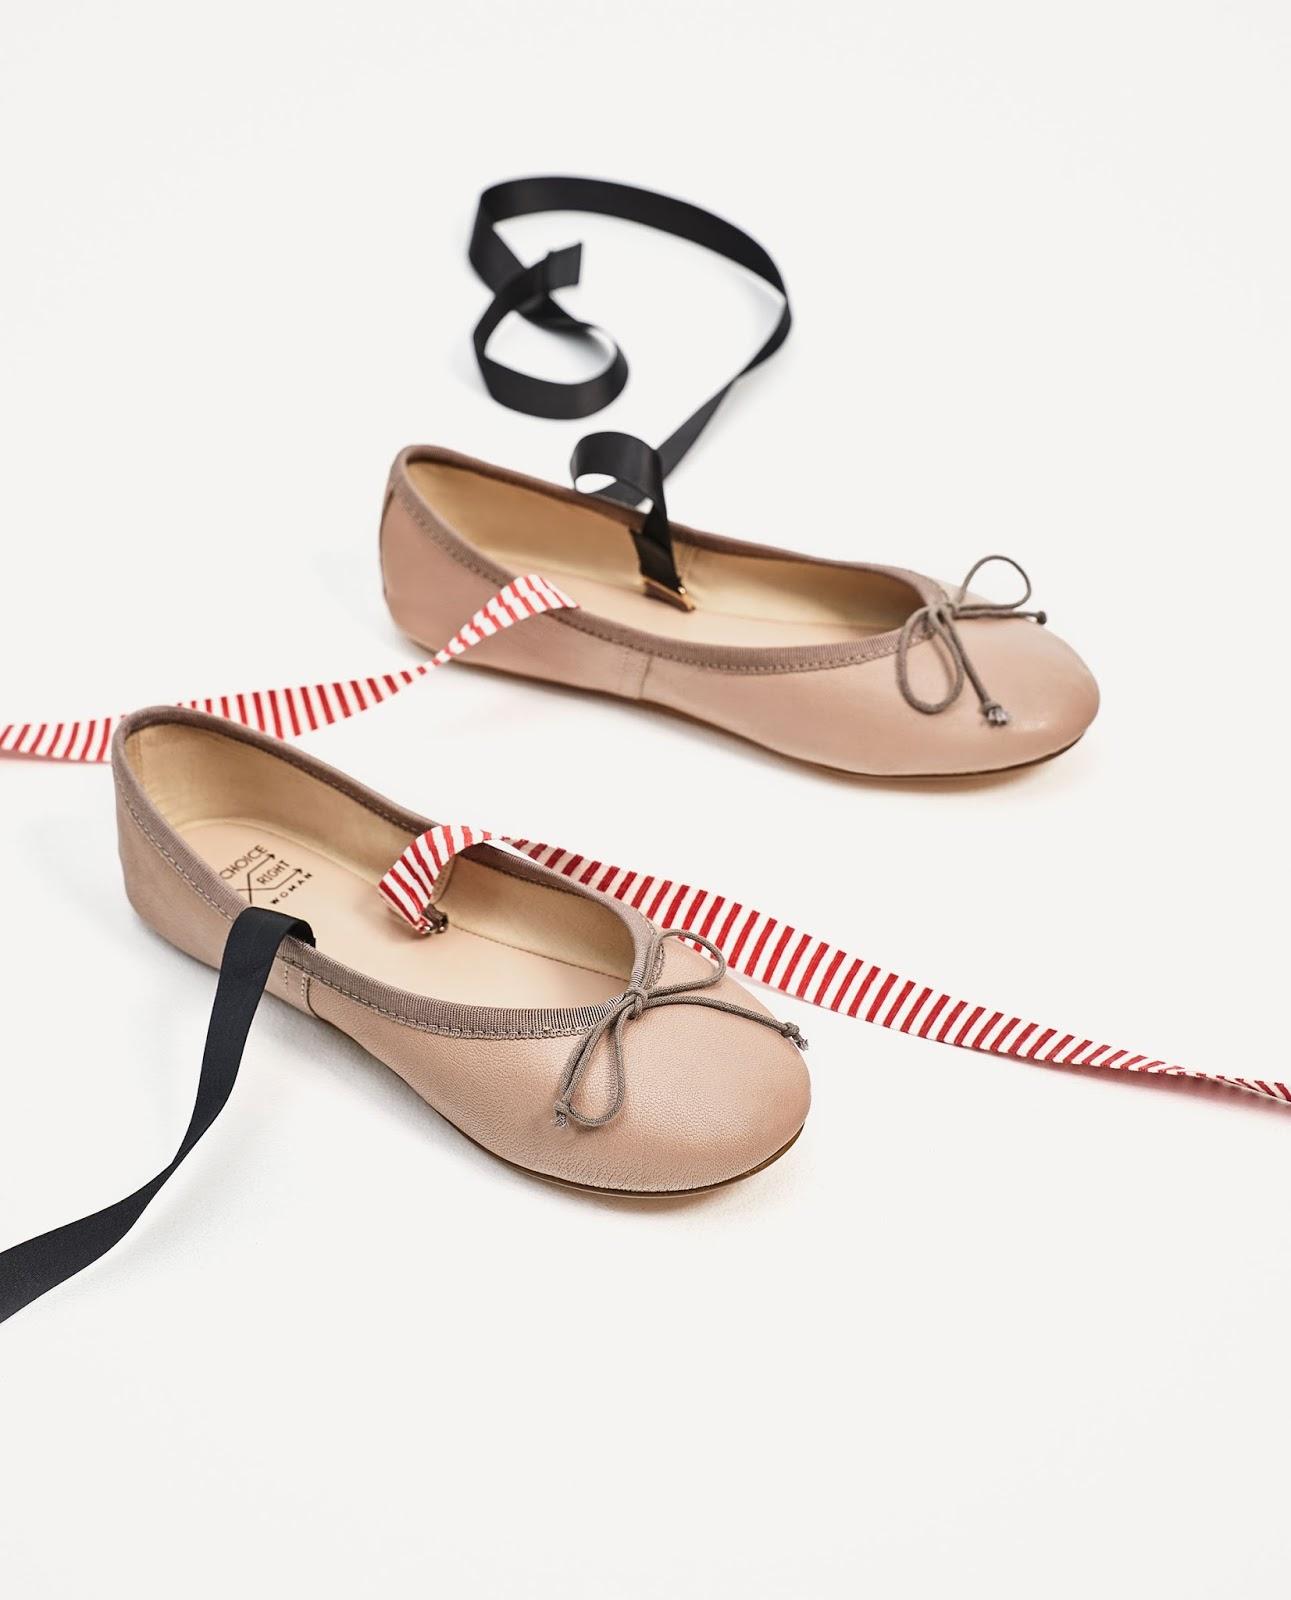 ZARA balerinki, najmodniejsze buty na lato, co kupić w Zarze na wyprzedaży